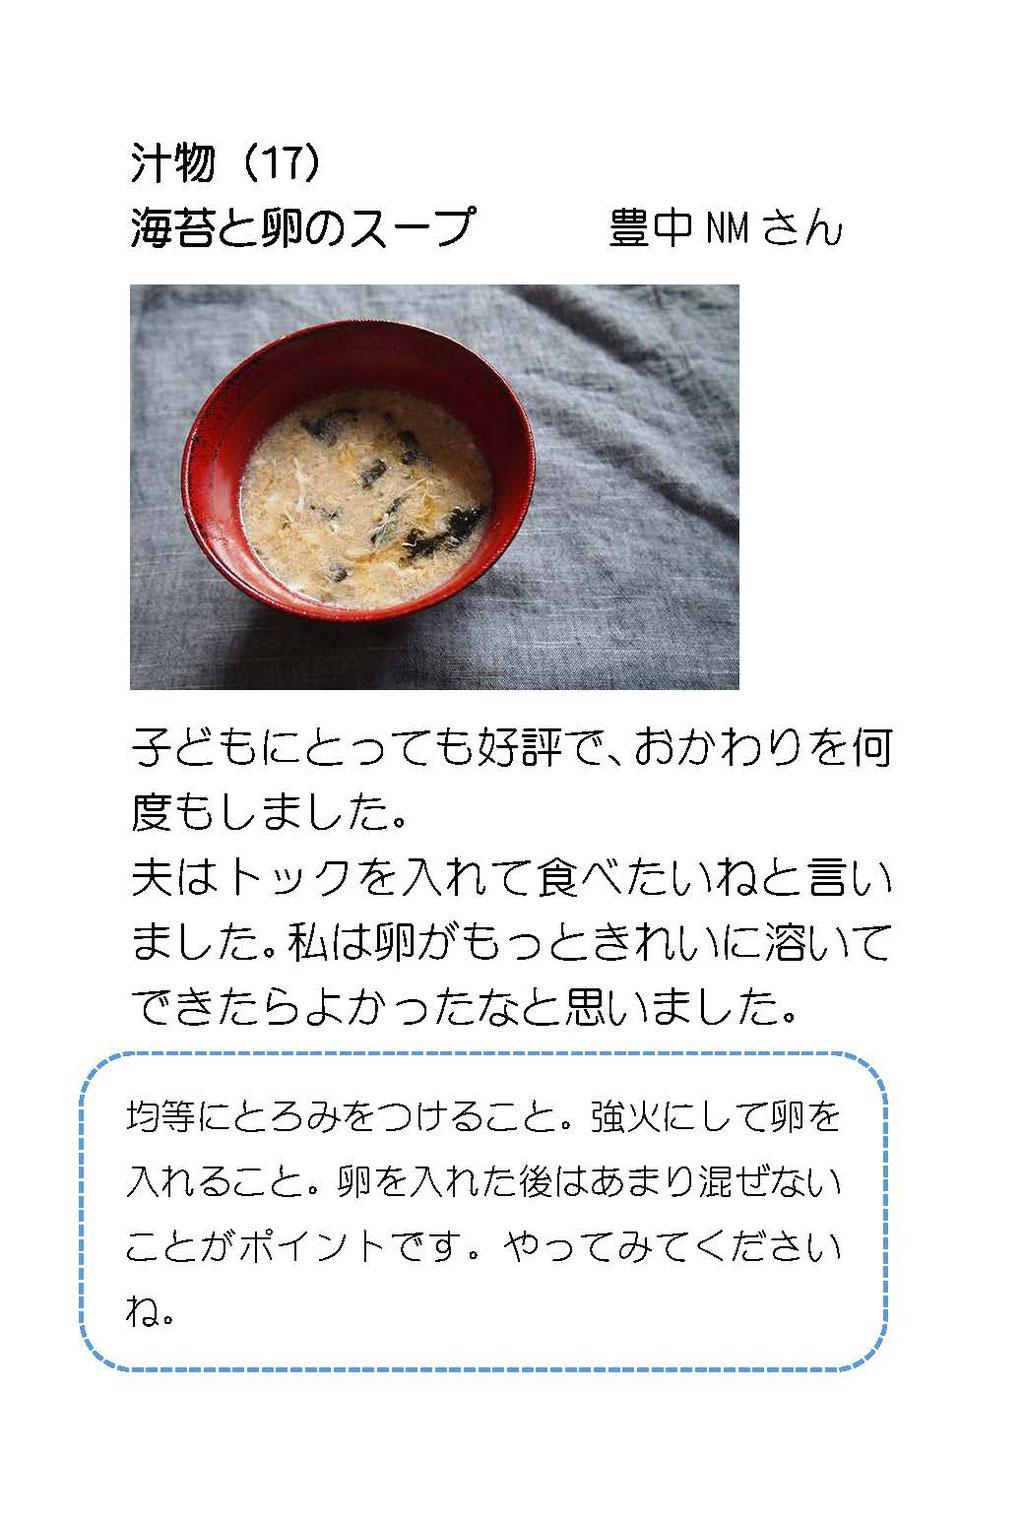 汁物(17) 海苔と卵のスープ